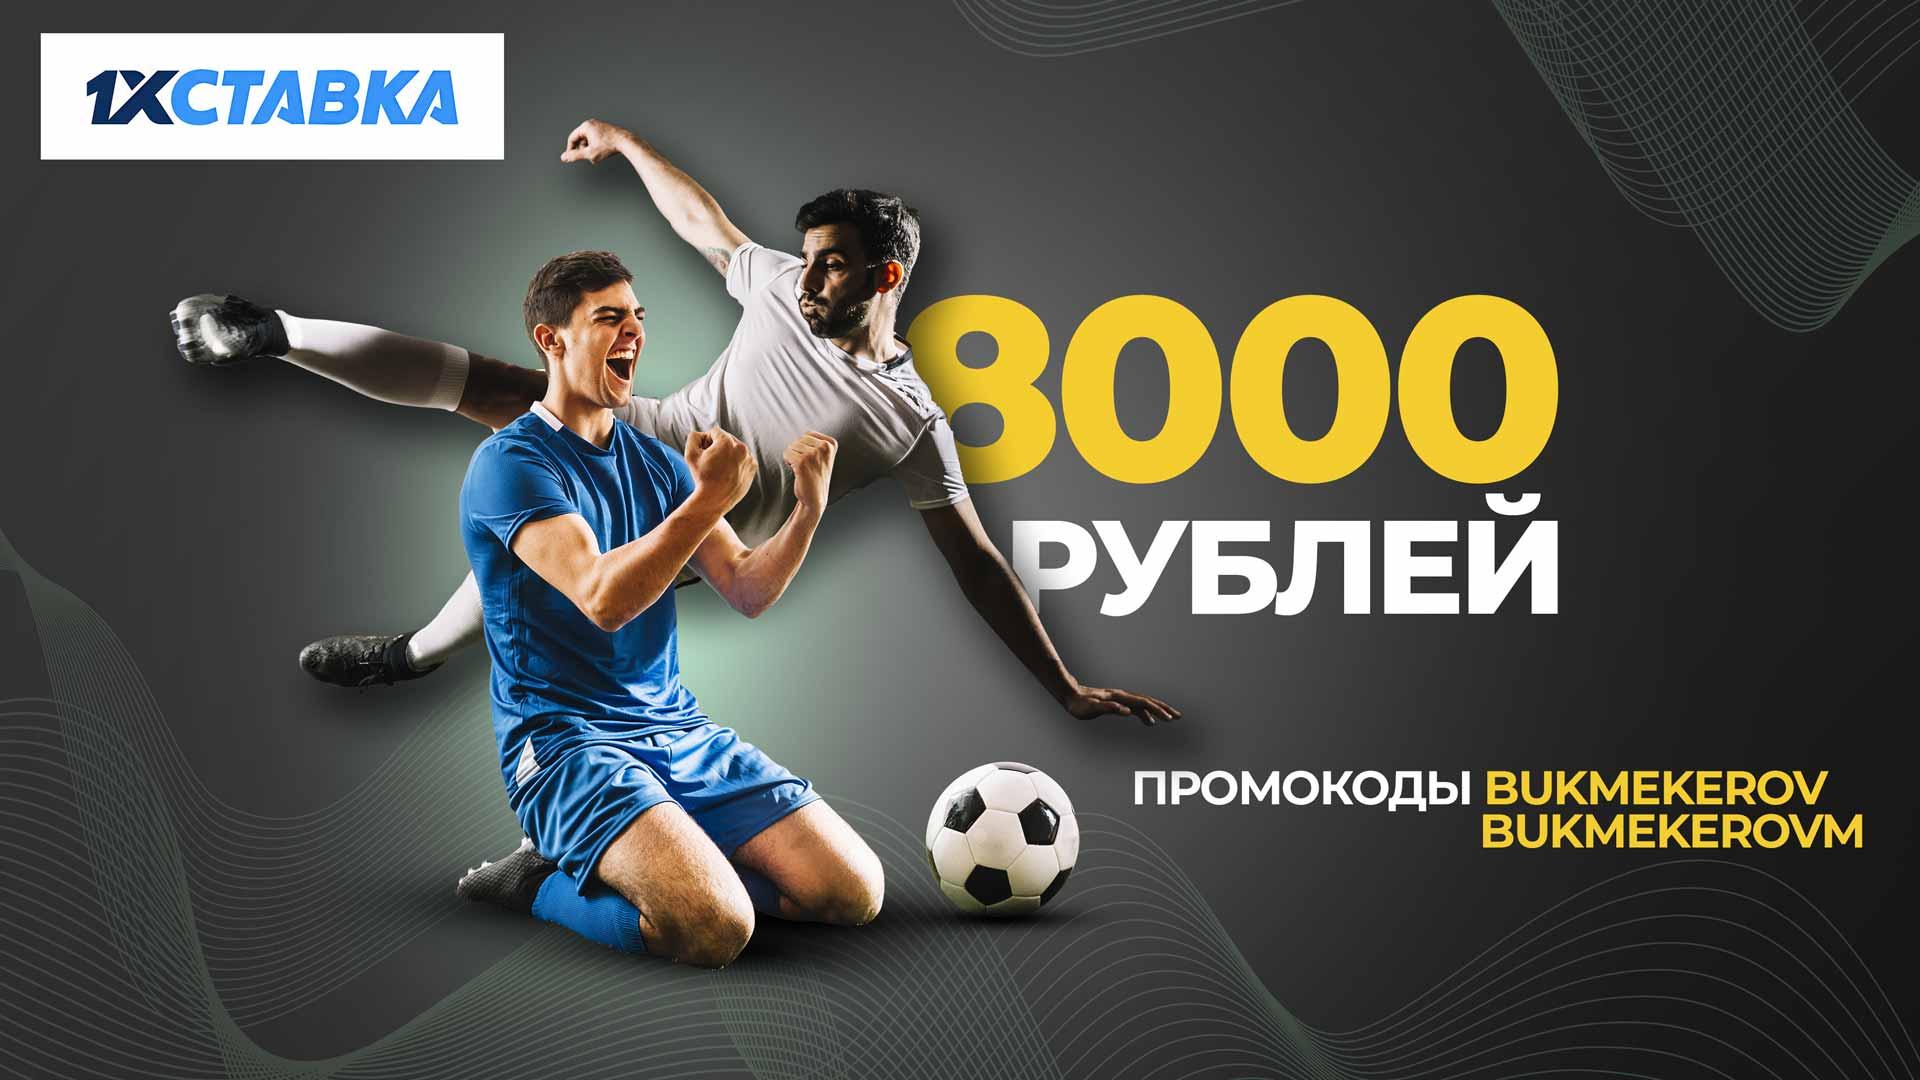 Бонус 100% до 8000 рублей на первый депозит в БК «1хСтавка» (промокоды!)